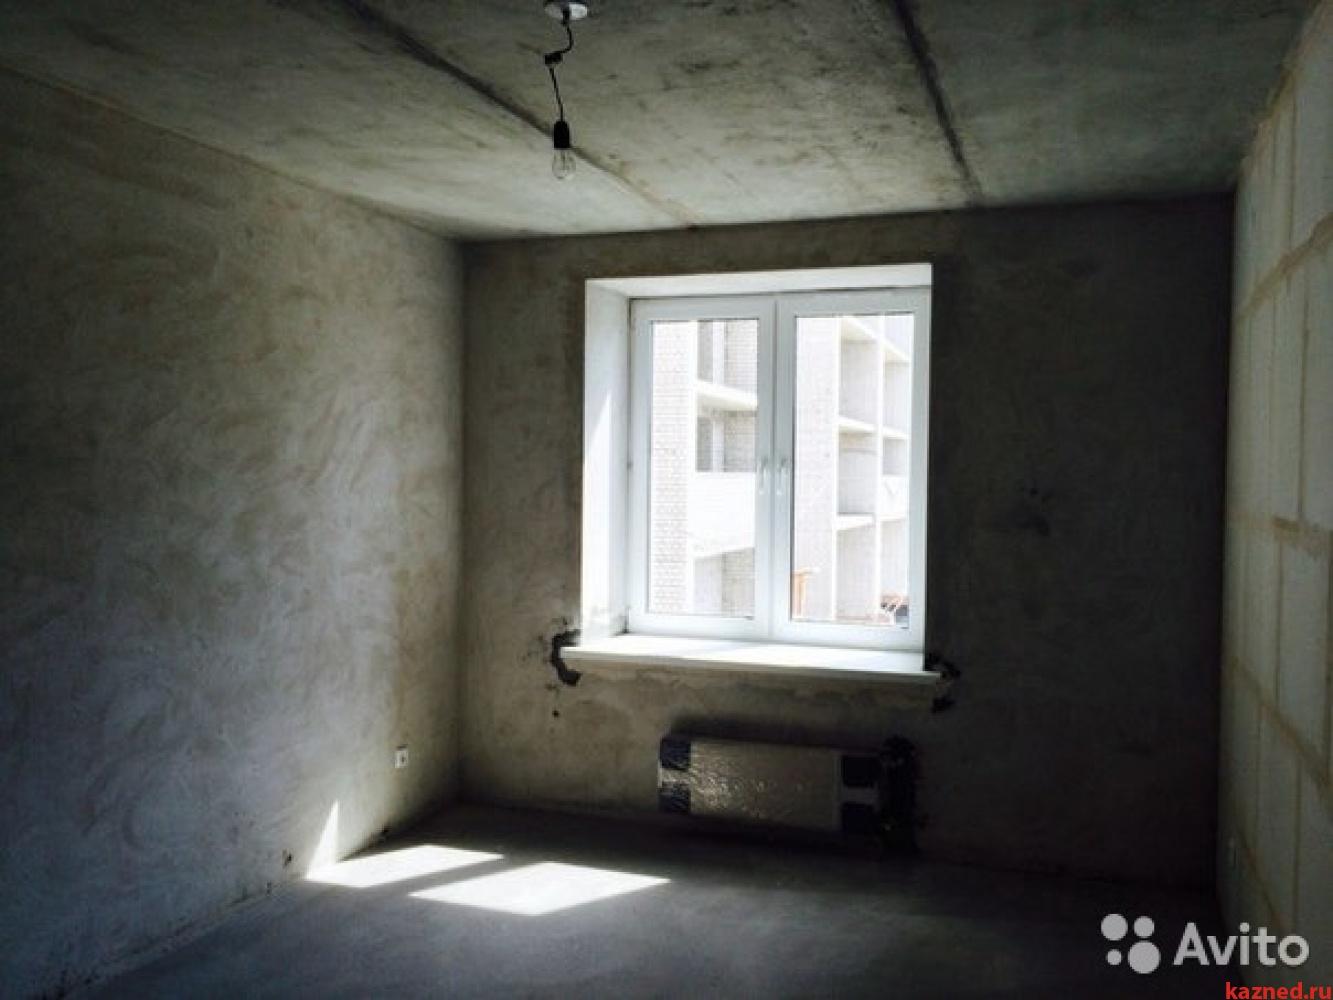 Продажа 1-к квартиры Мамадышский тракт д 1 ЖК Весна, 0 м²  (миниатюра №9)